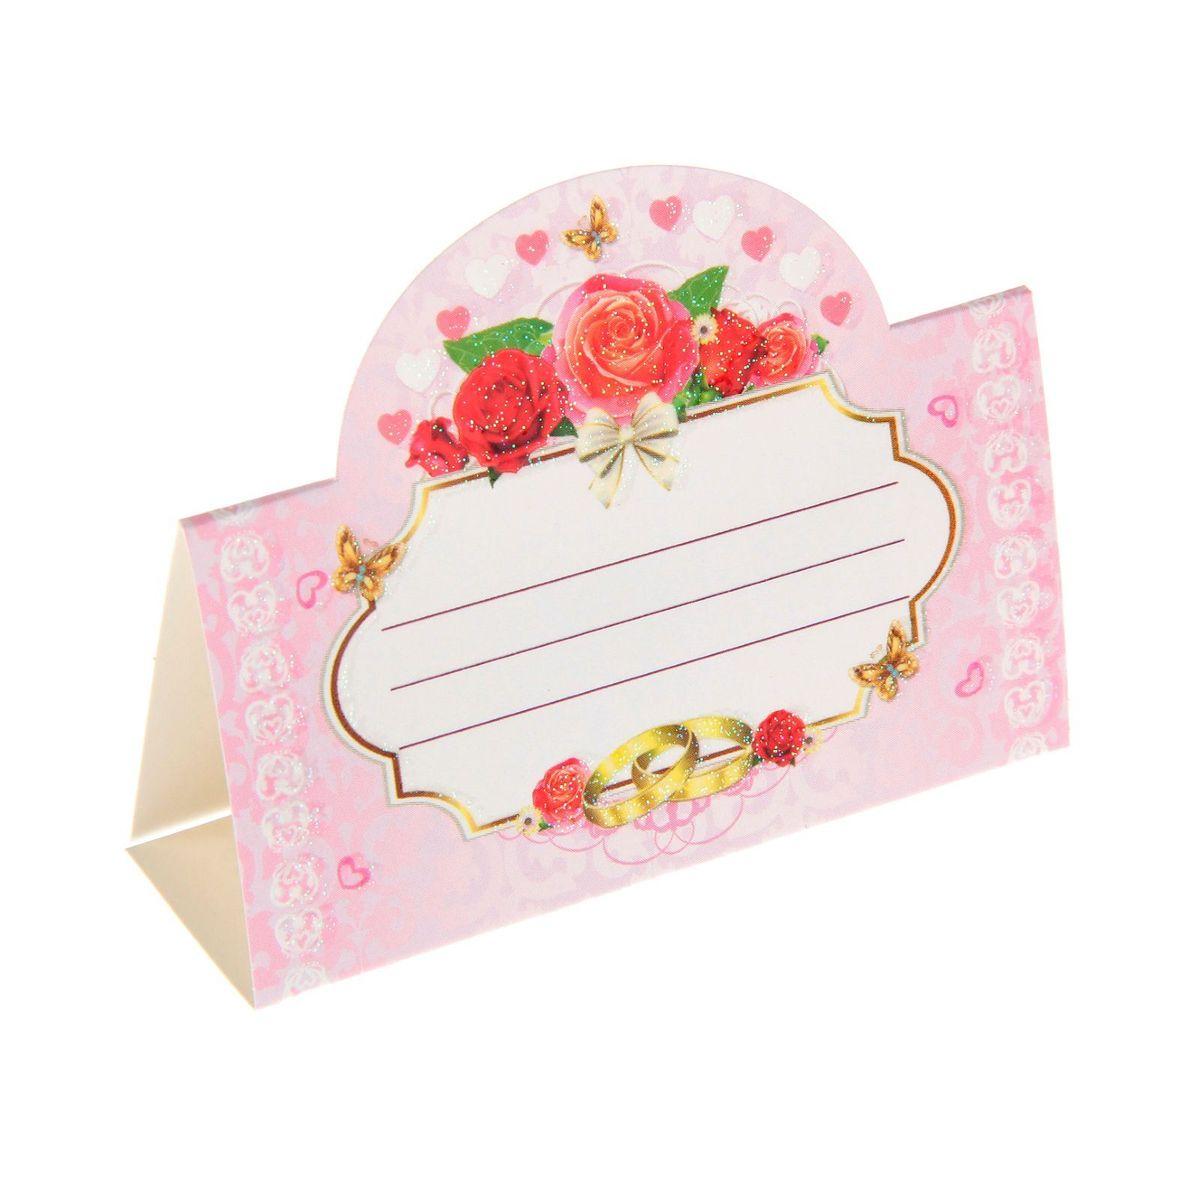 Миленд Банкетная карточка. 12187061218706Красиво оформленный свадебный стол— это эффектное, неординарное и очень значимое обрамление для проведения любого запланированного вами торжества. Банкетная карточка — это красивое и оригинальное украшение зала, которое дополнит выдержанный стиль мероприятия и передаст праздничное настроение вам и вашим гостям.